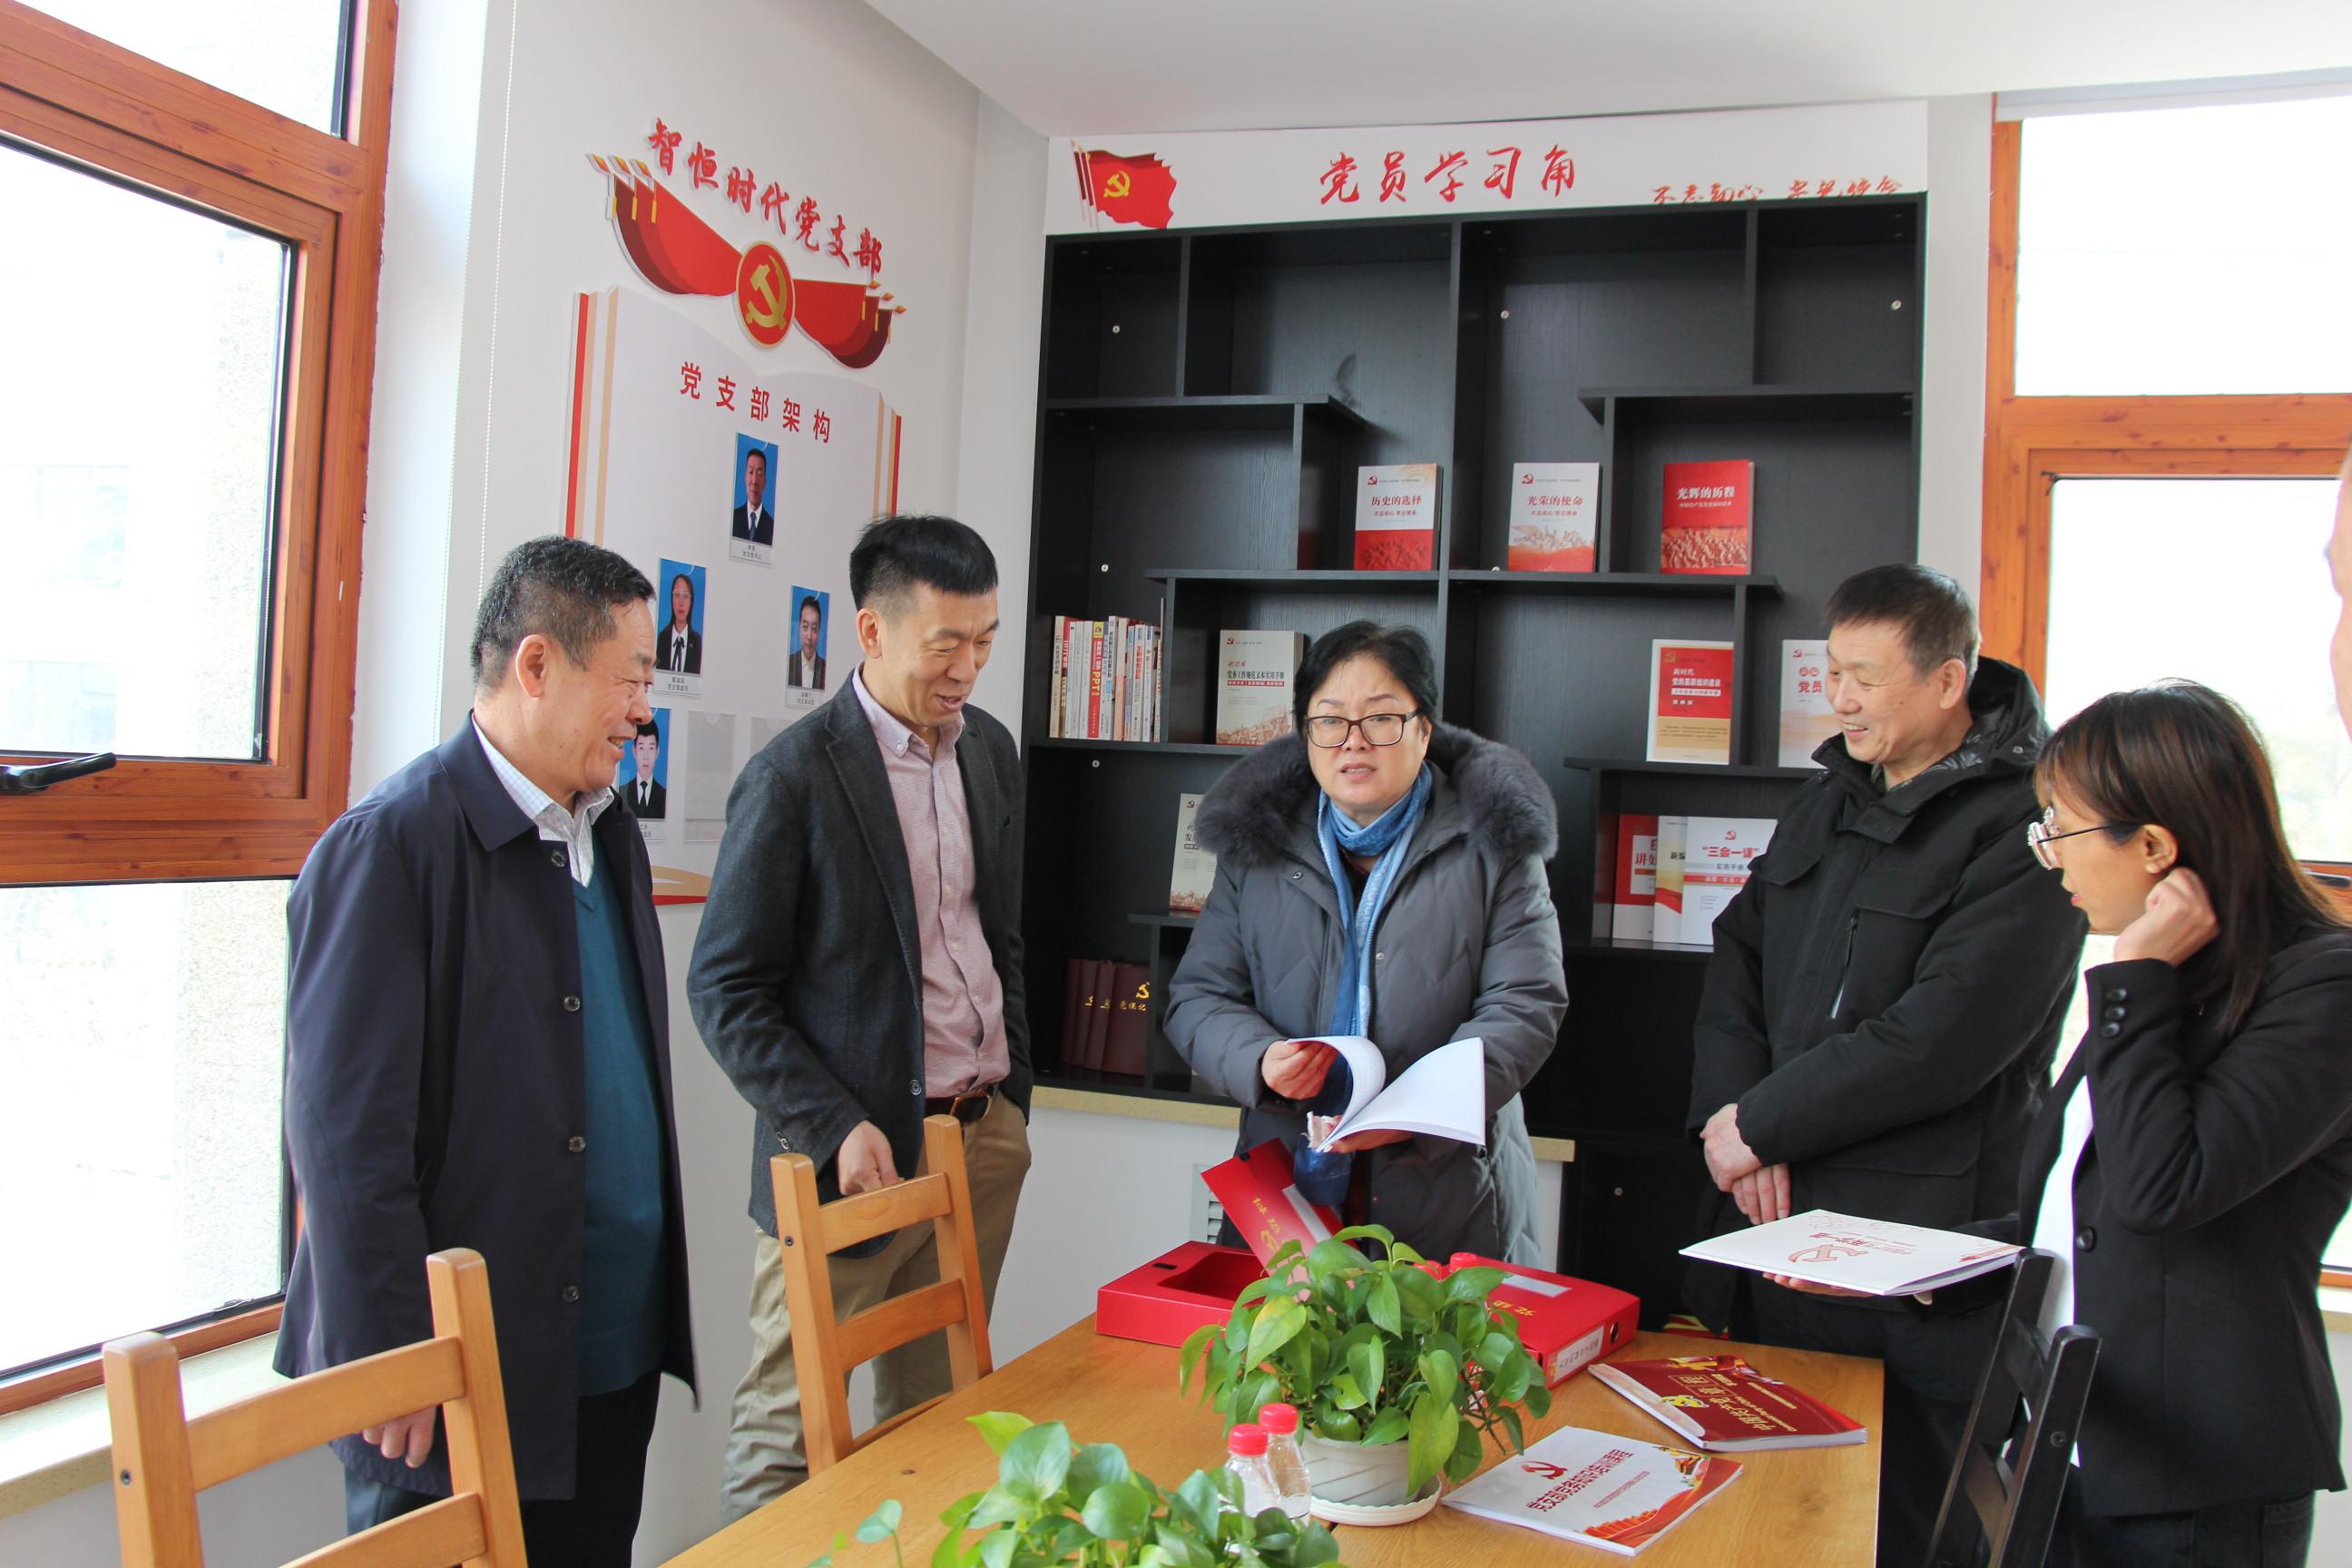 黑龙江省商务合作促进会党委书记一行,莅临智恒时代党支部指导工作